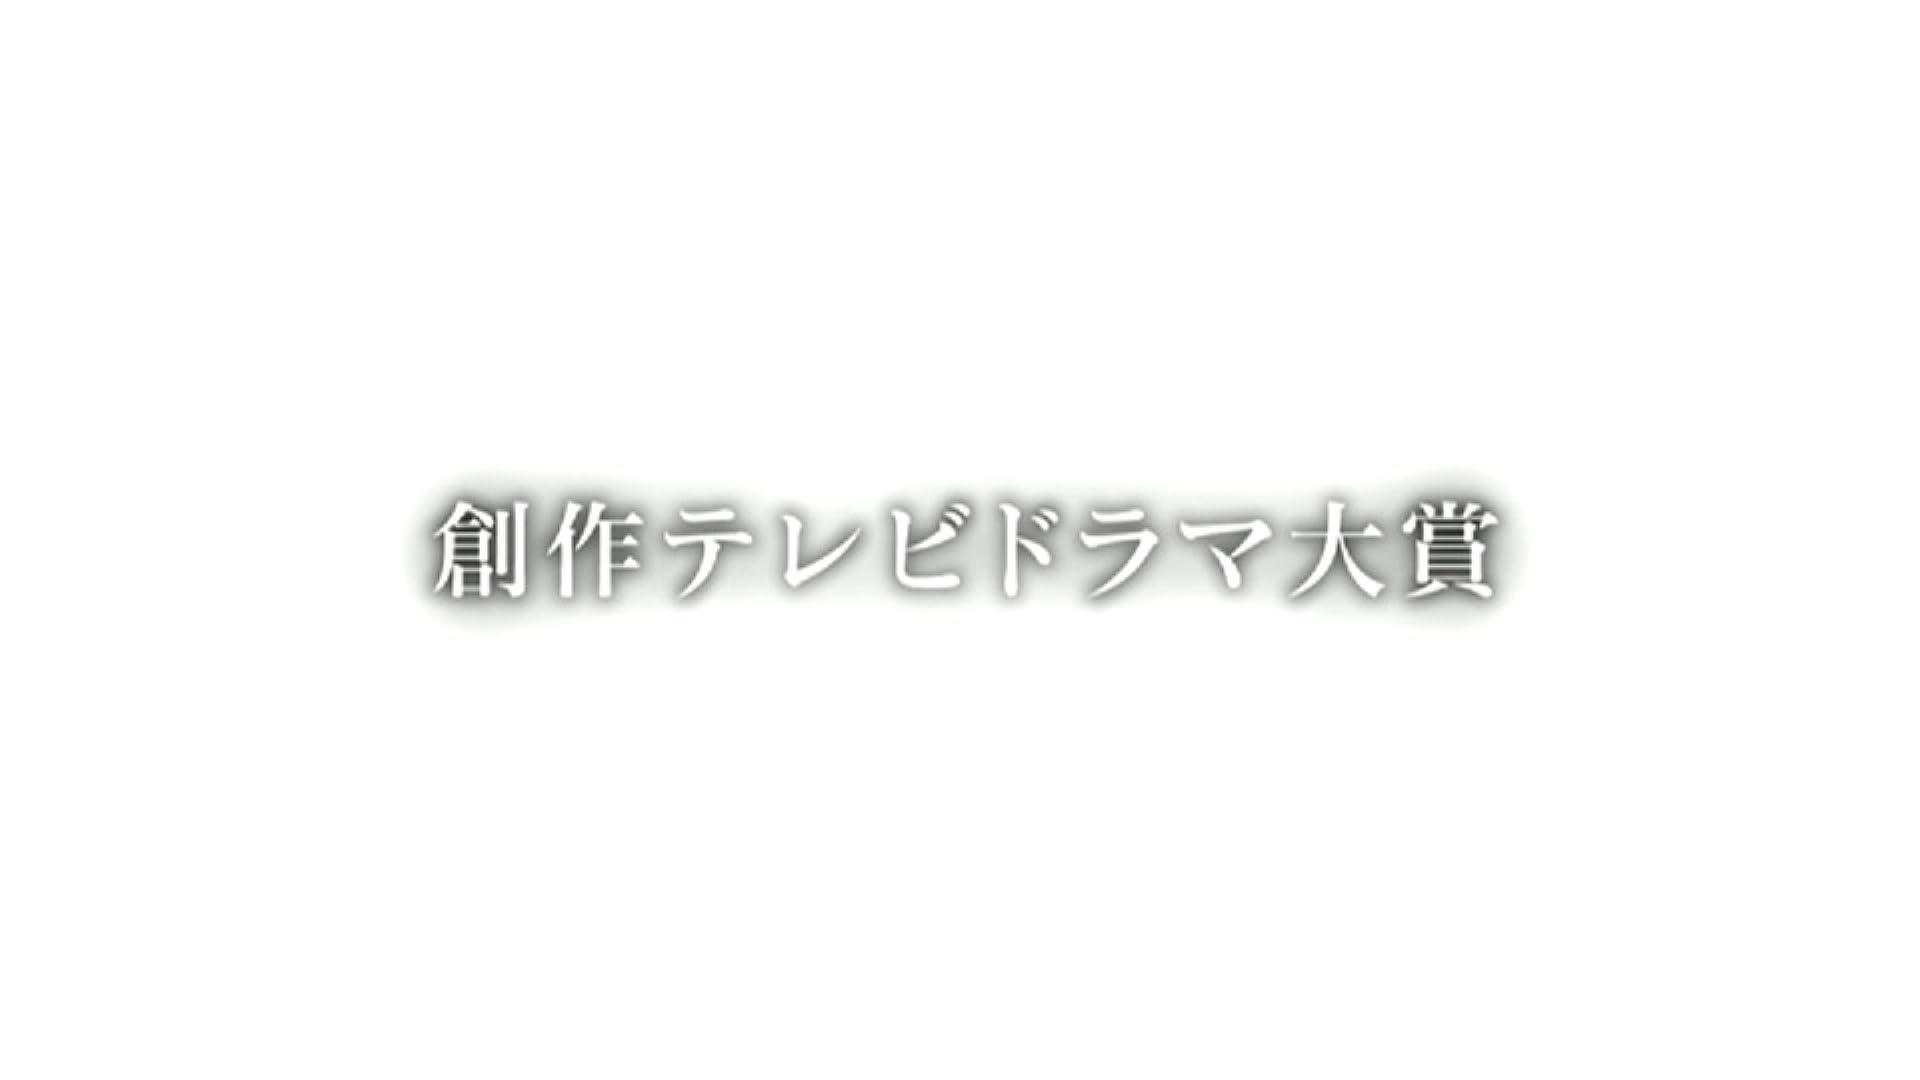 創作テレビドラマ大賞(NHKオンデマンド)